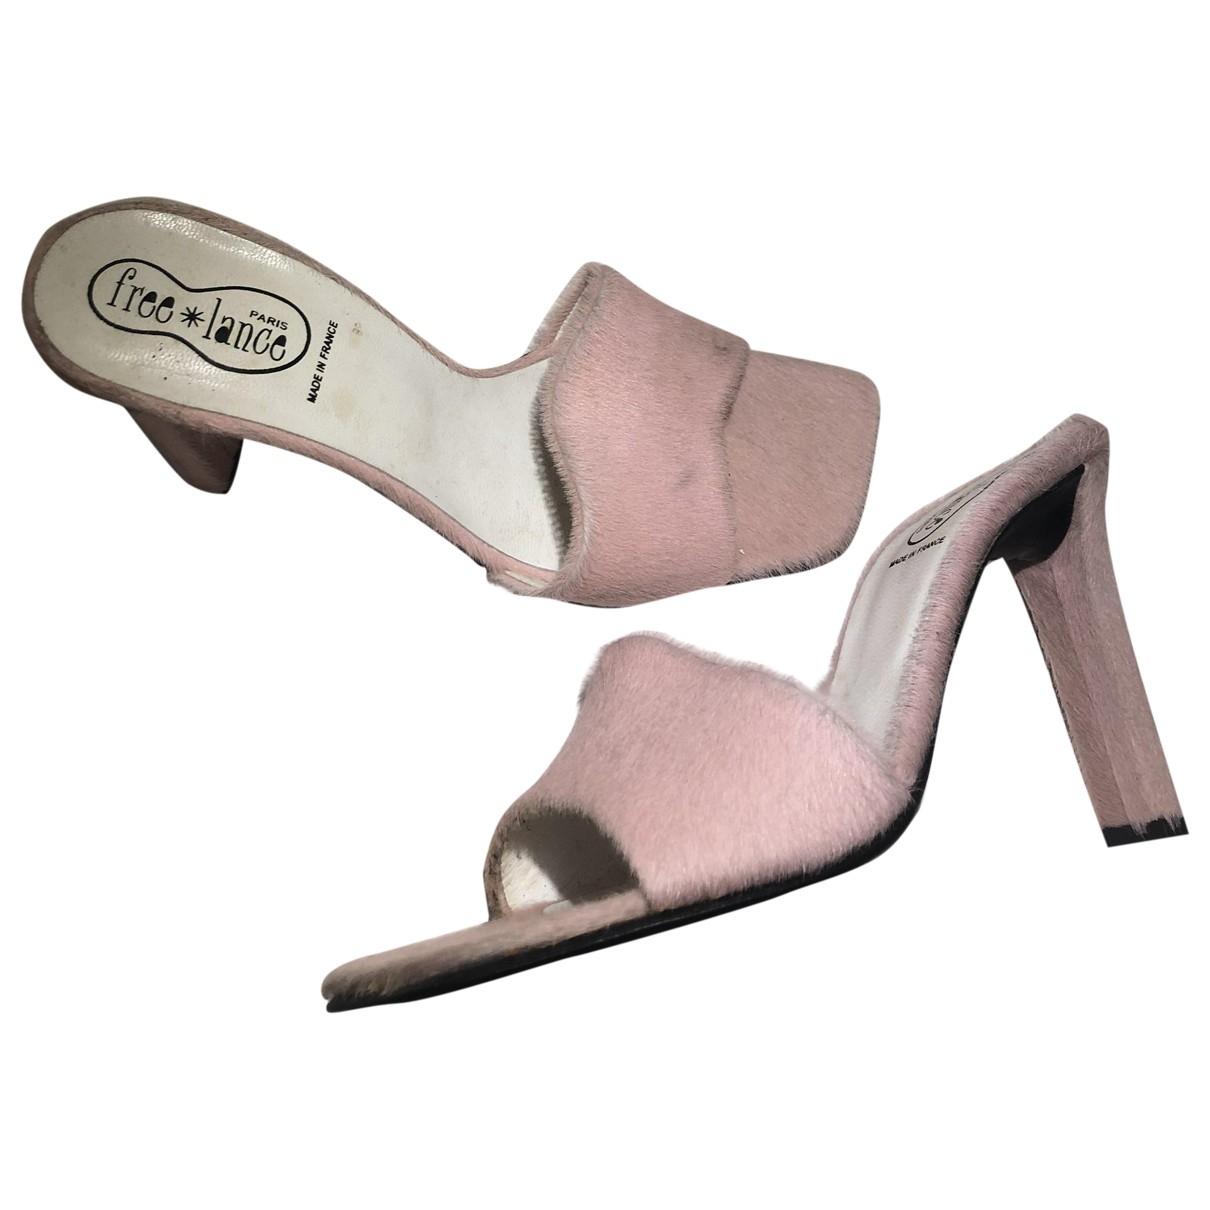 Sandalias de Piel de potro de imitacion Free Lance